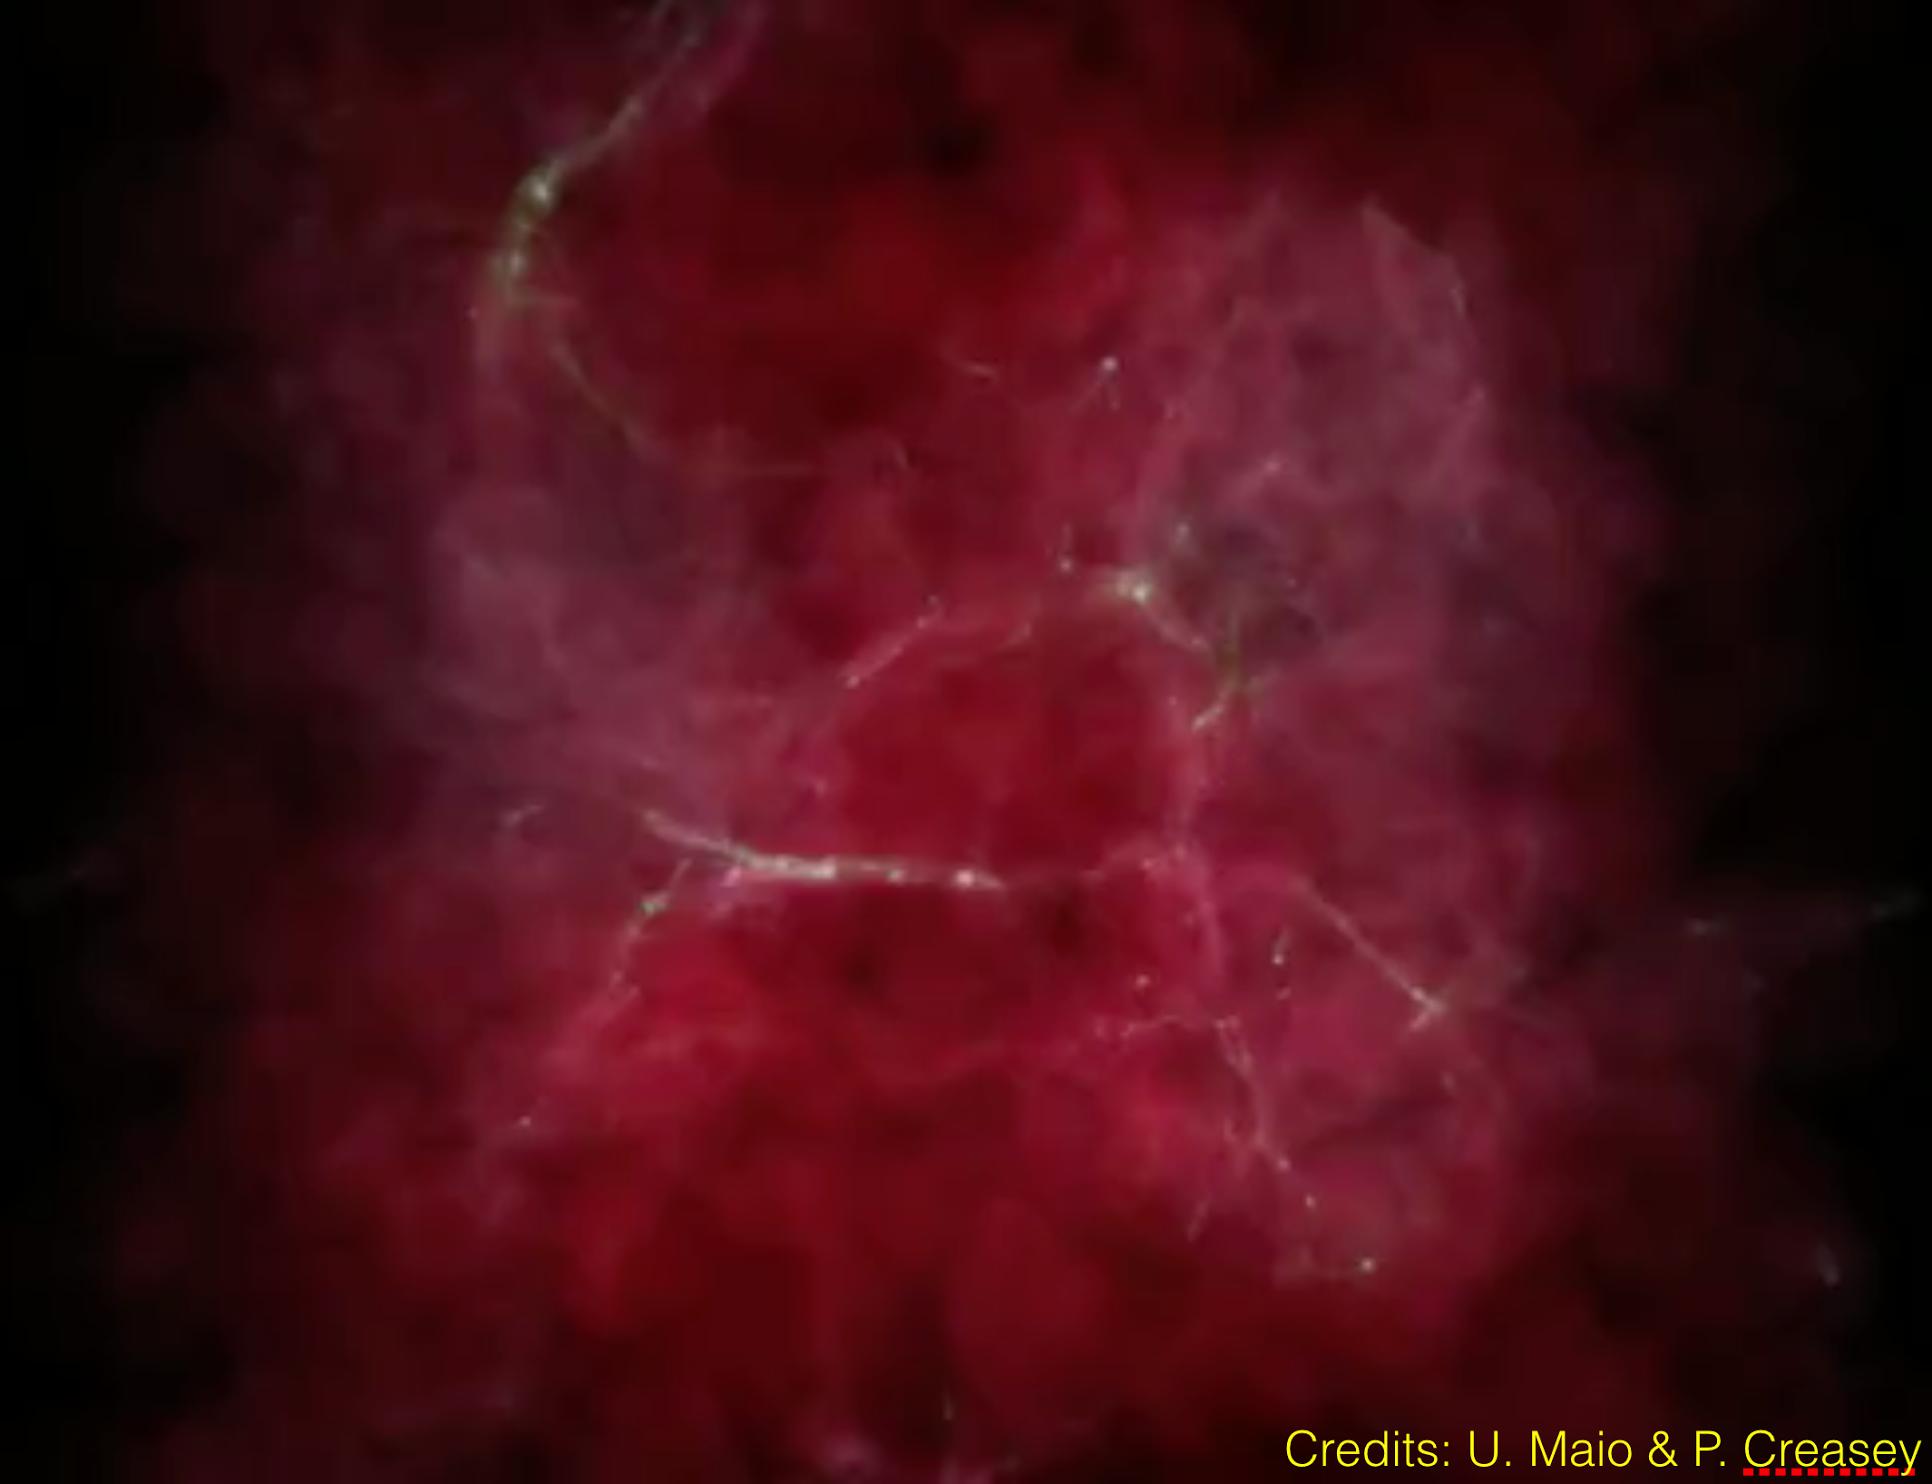 Gas kollabiert in Filament-Strukturen im frühen Universum. Die hellen Knotenpunkte stellen die Keimzellen der Entstehung der ersten Galaxien dar (Maio & Creasey).